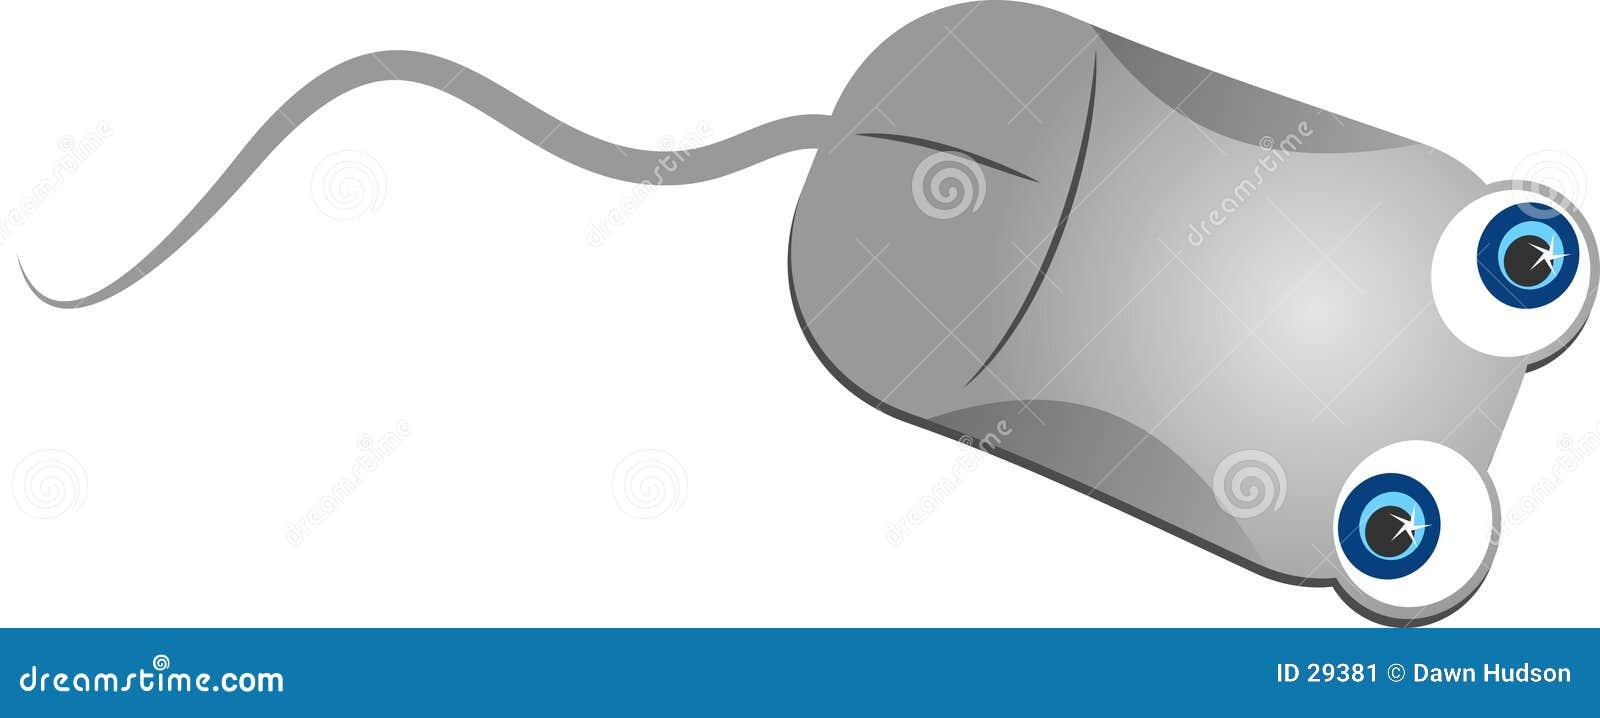 мышь серого цвета компьютера